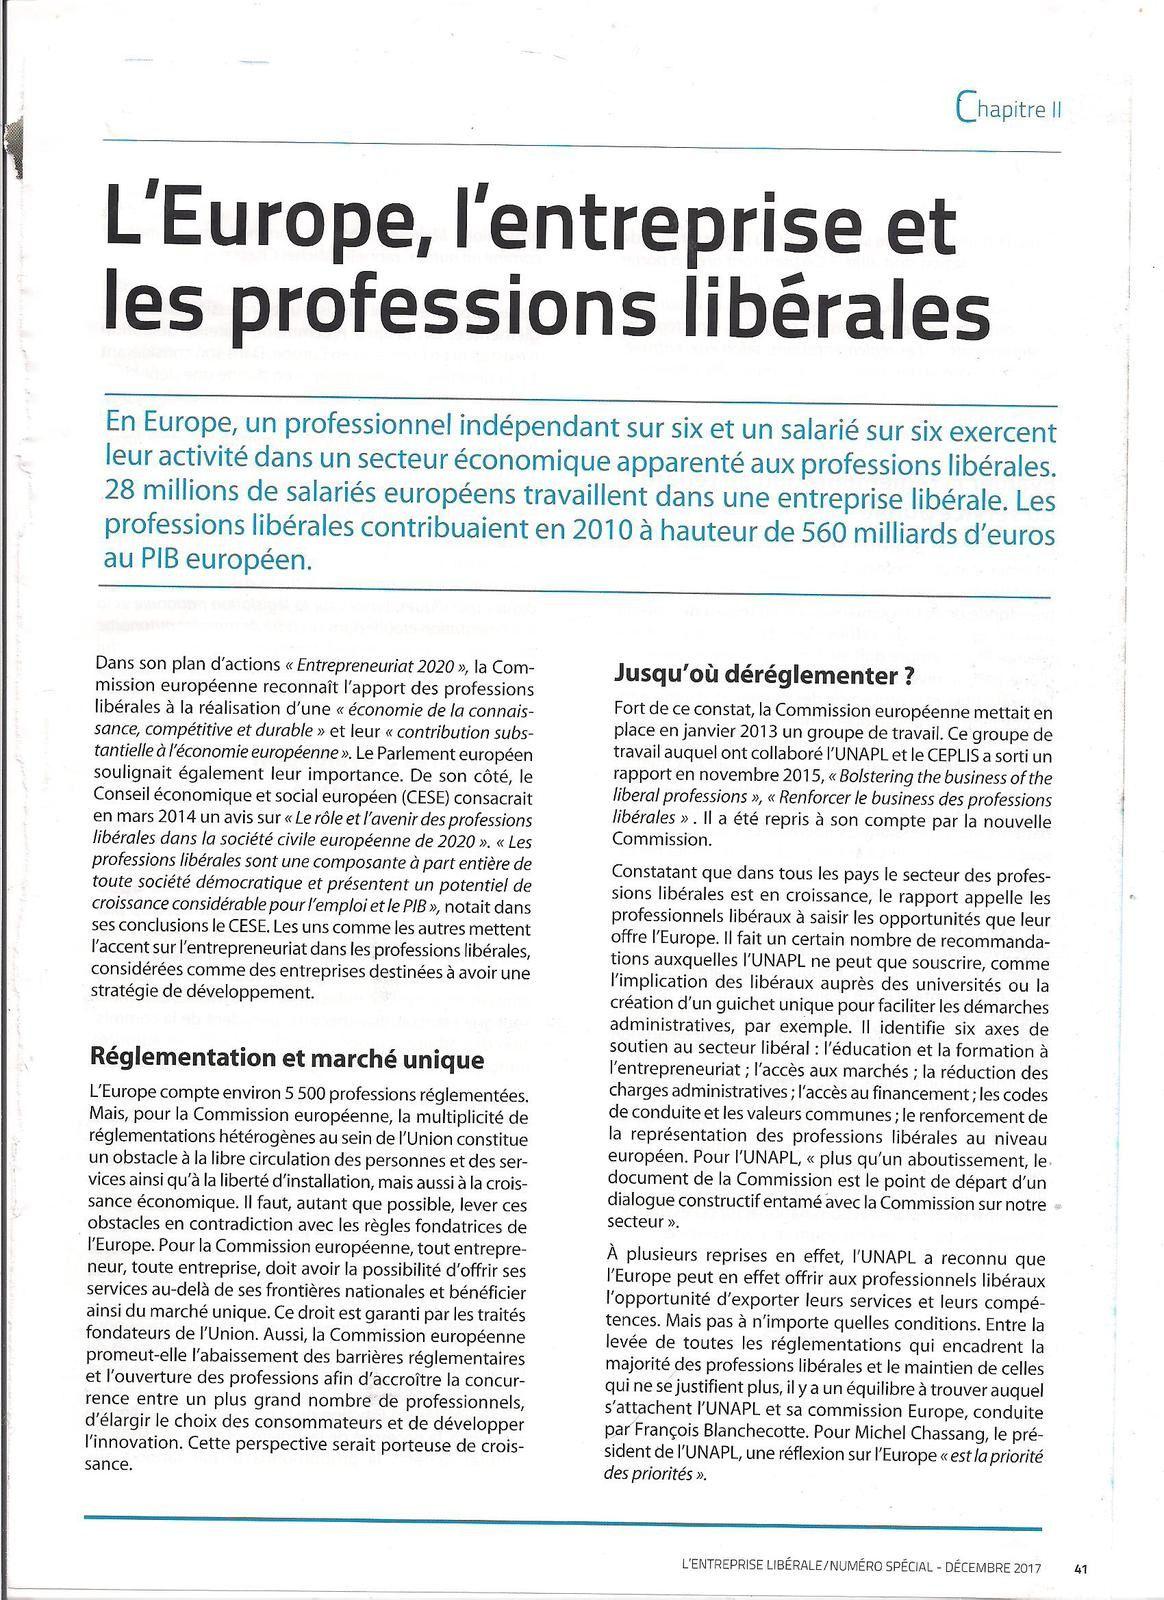 Intervention de François BLANCHCOTTE, Pdt de la commission Europe de l'UNAPL